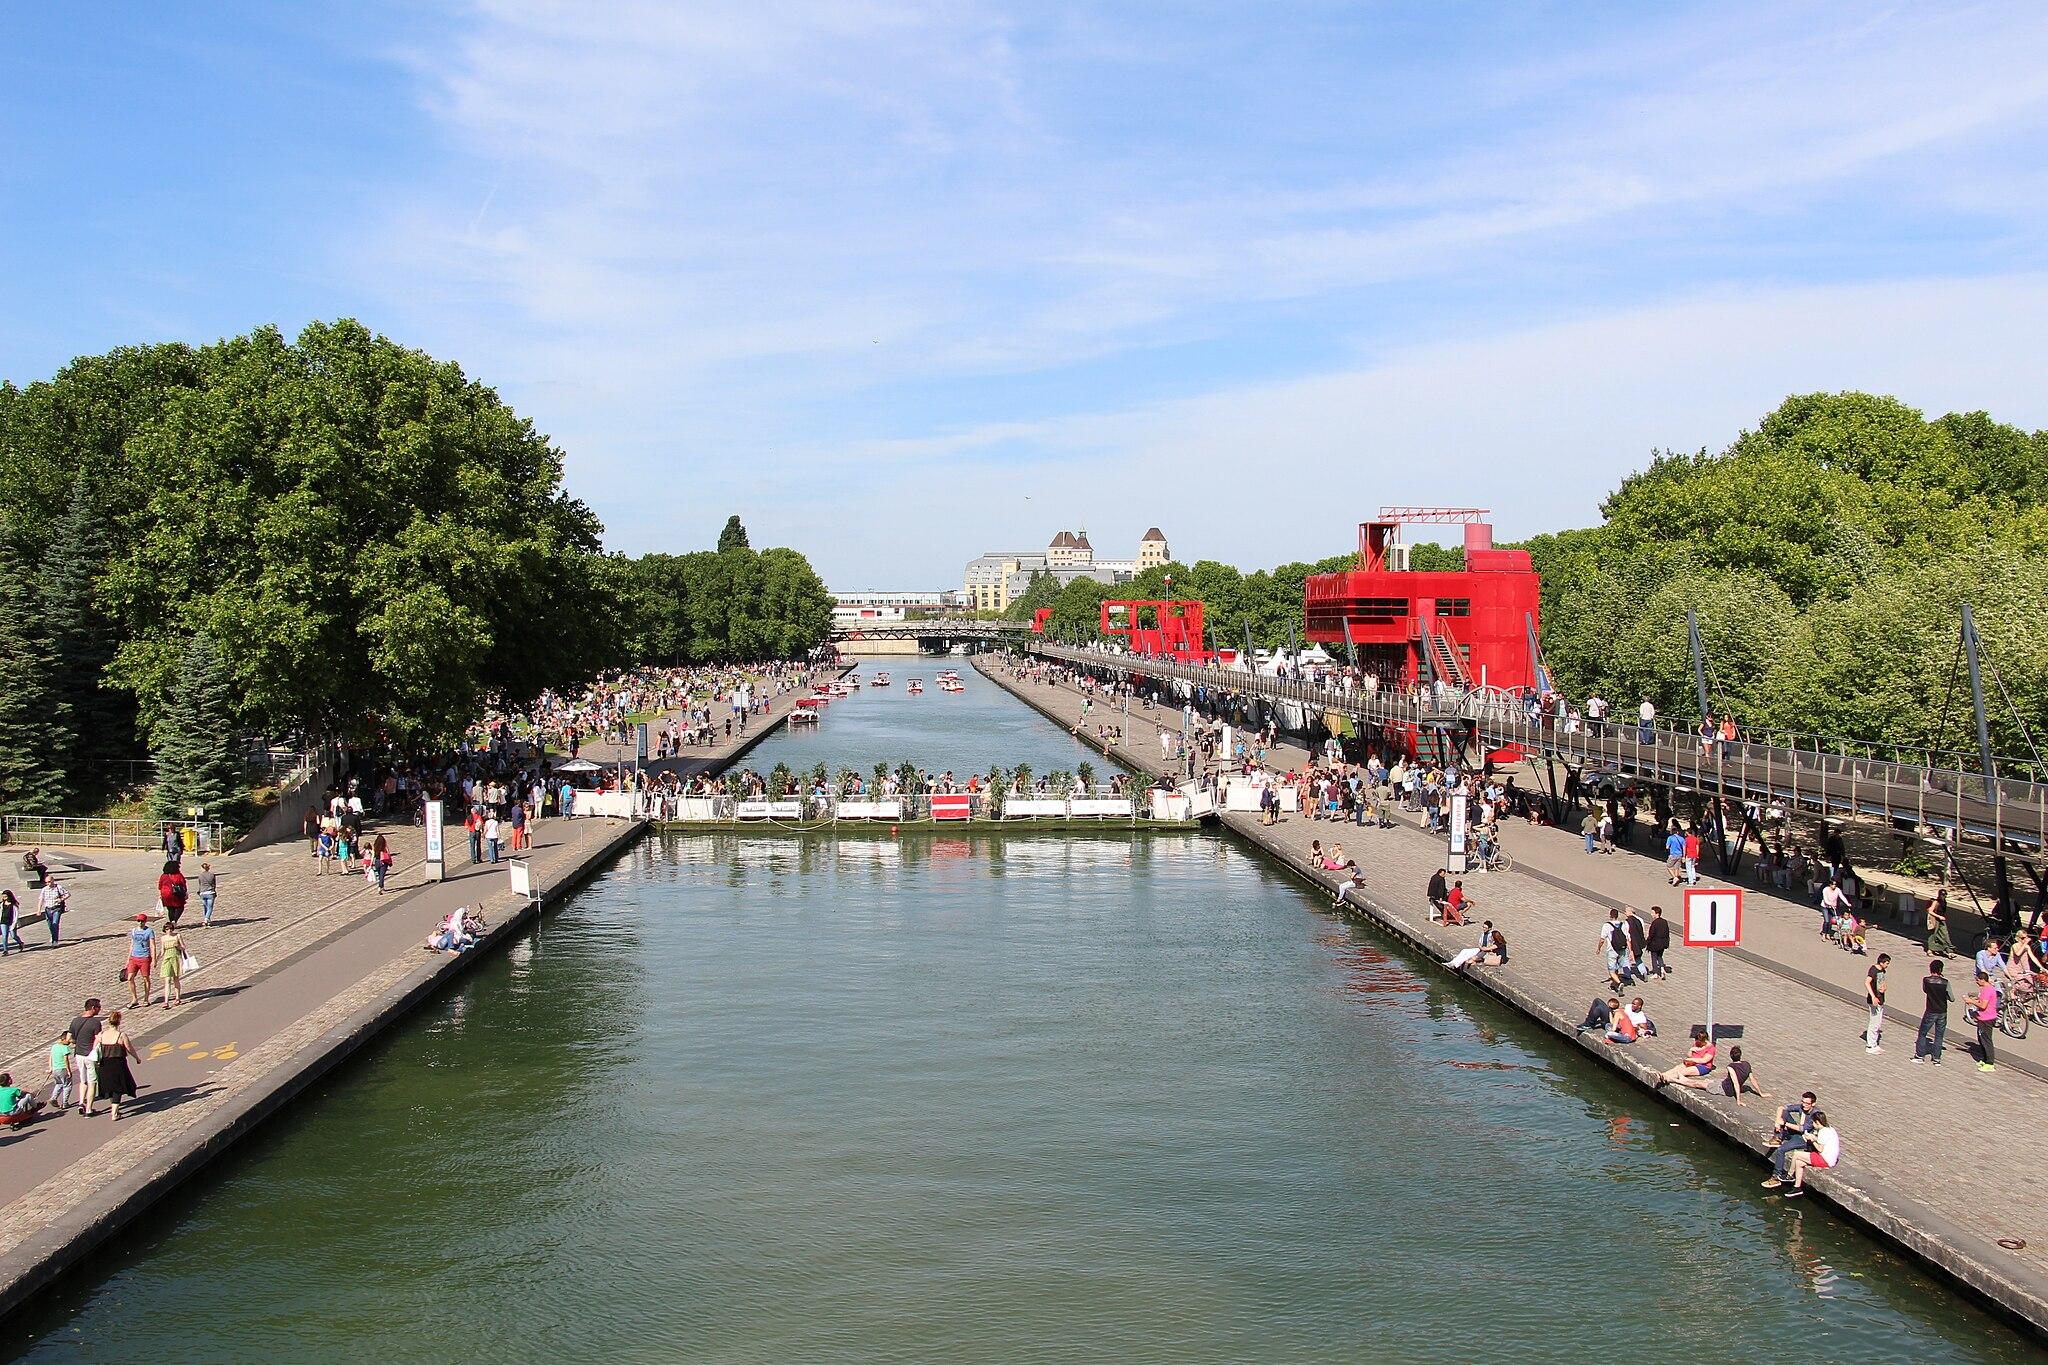 Paris - Canal de l'Ourcq (23415256272)